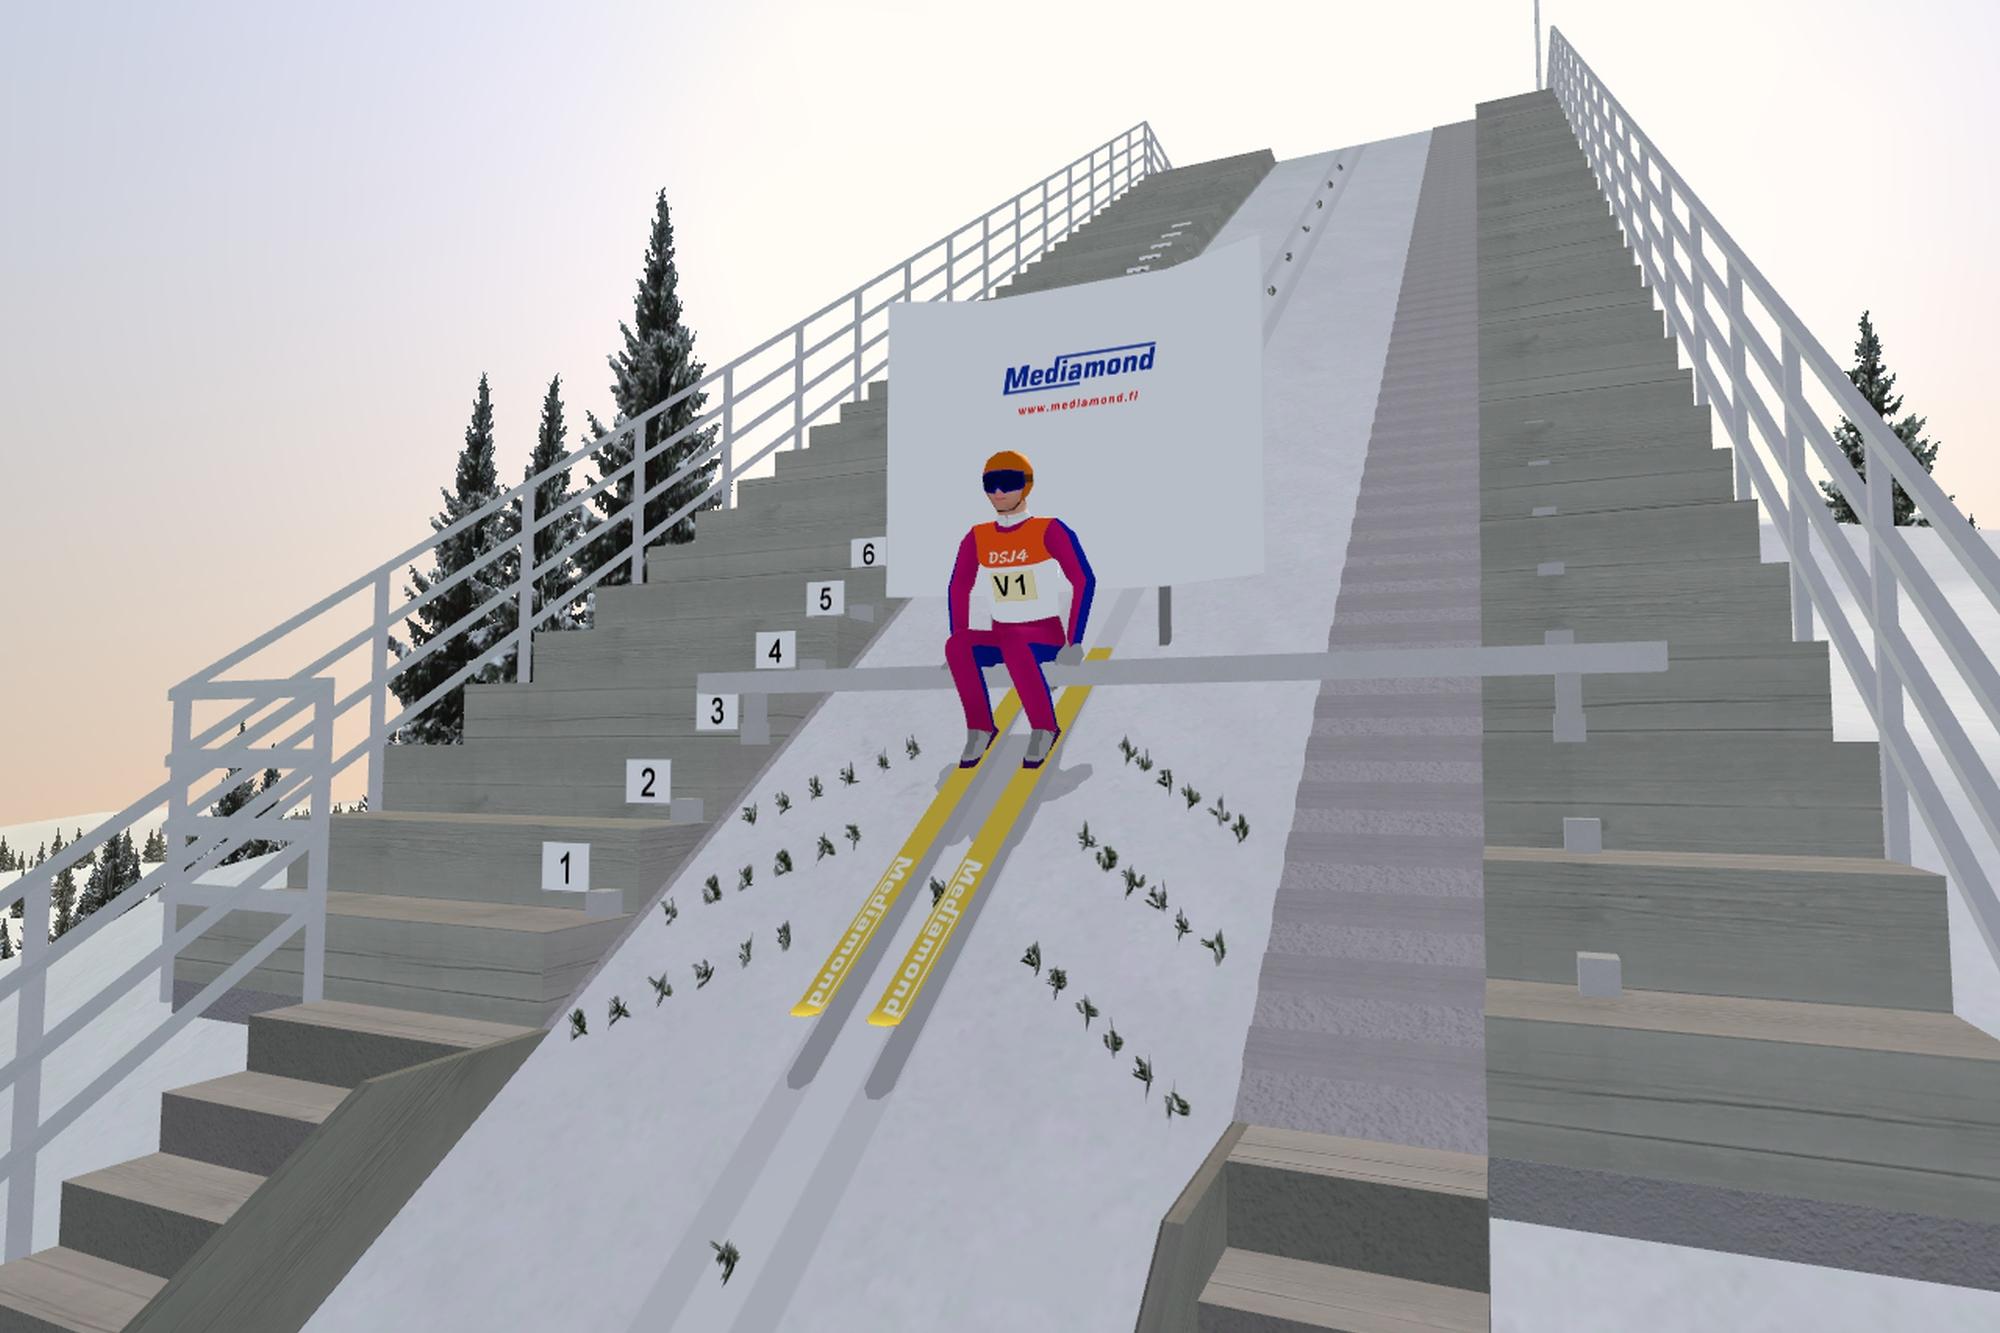 71 nowych skoczni w nowej odsłonie gry Deluxe Ski Jump 4! [LISTA]